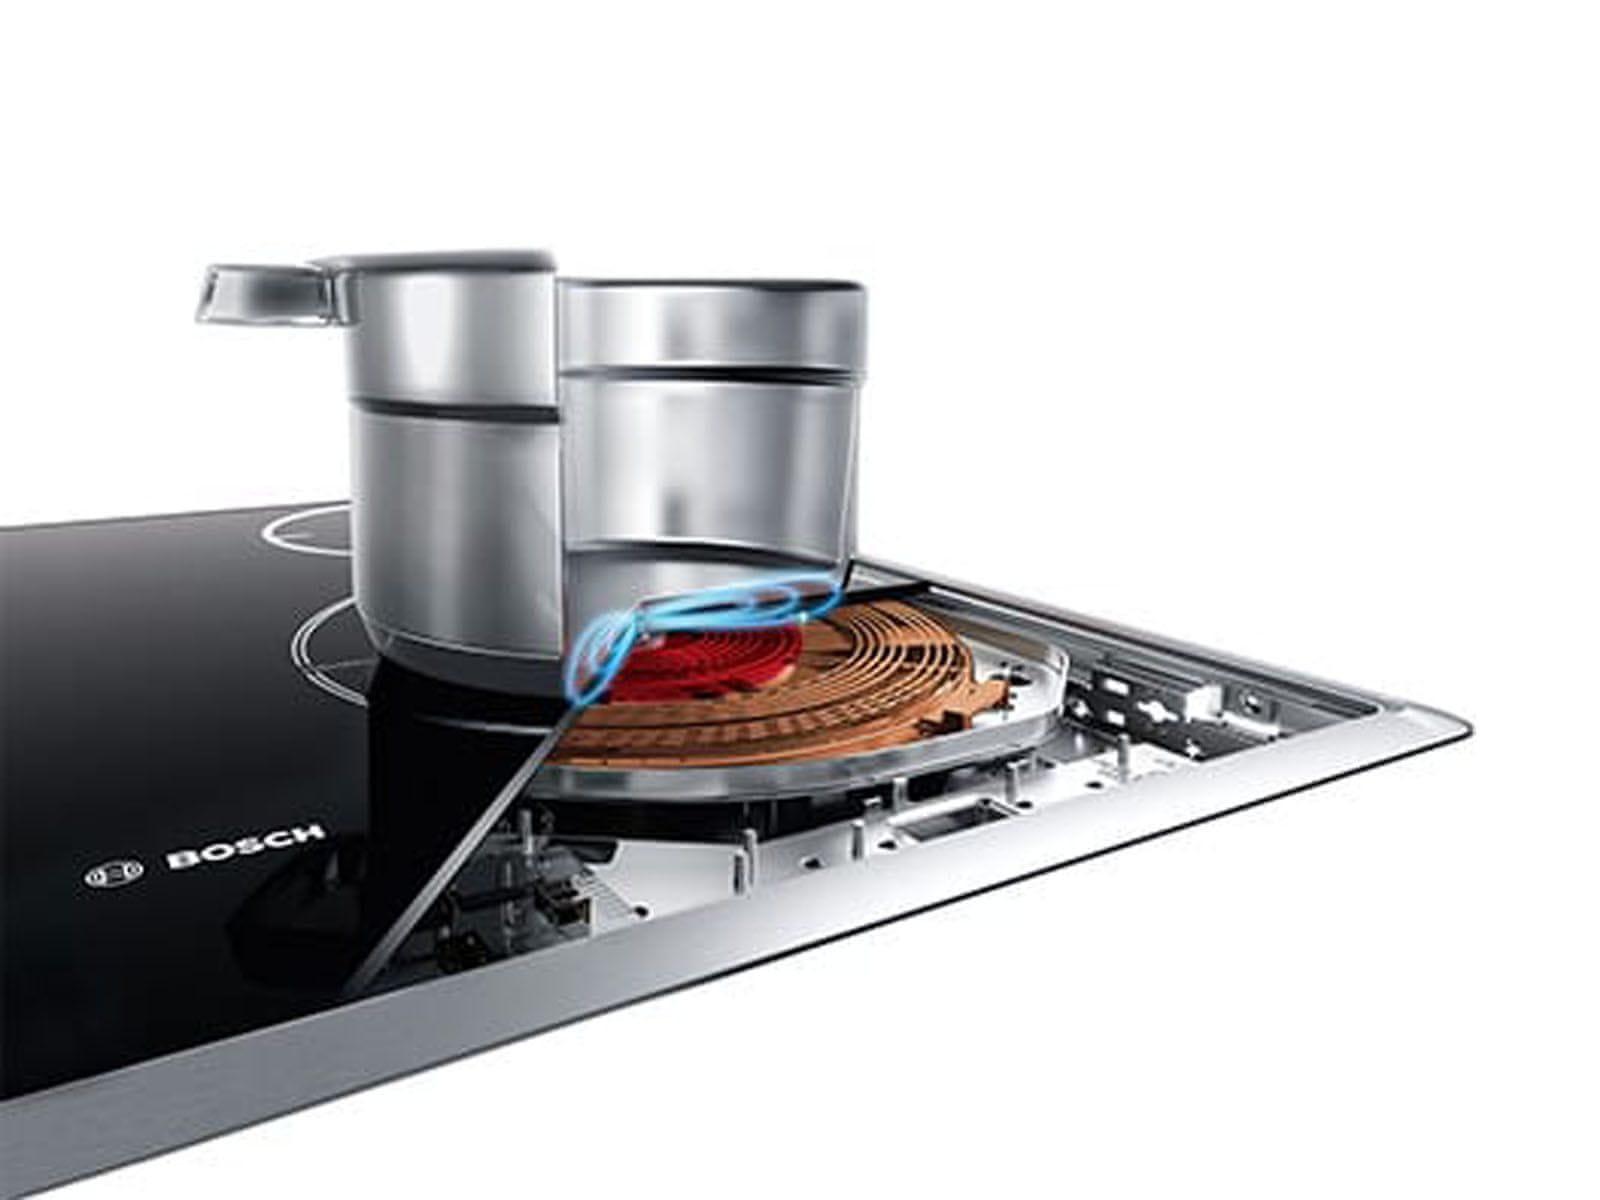 Hitrejše kuhanje, manjša poraba energije - to je indukcija